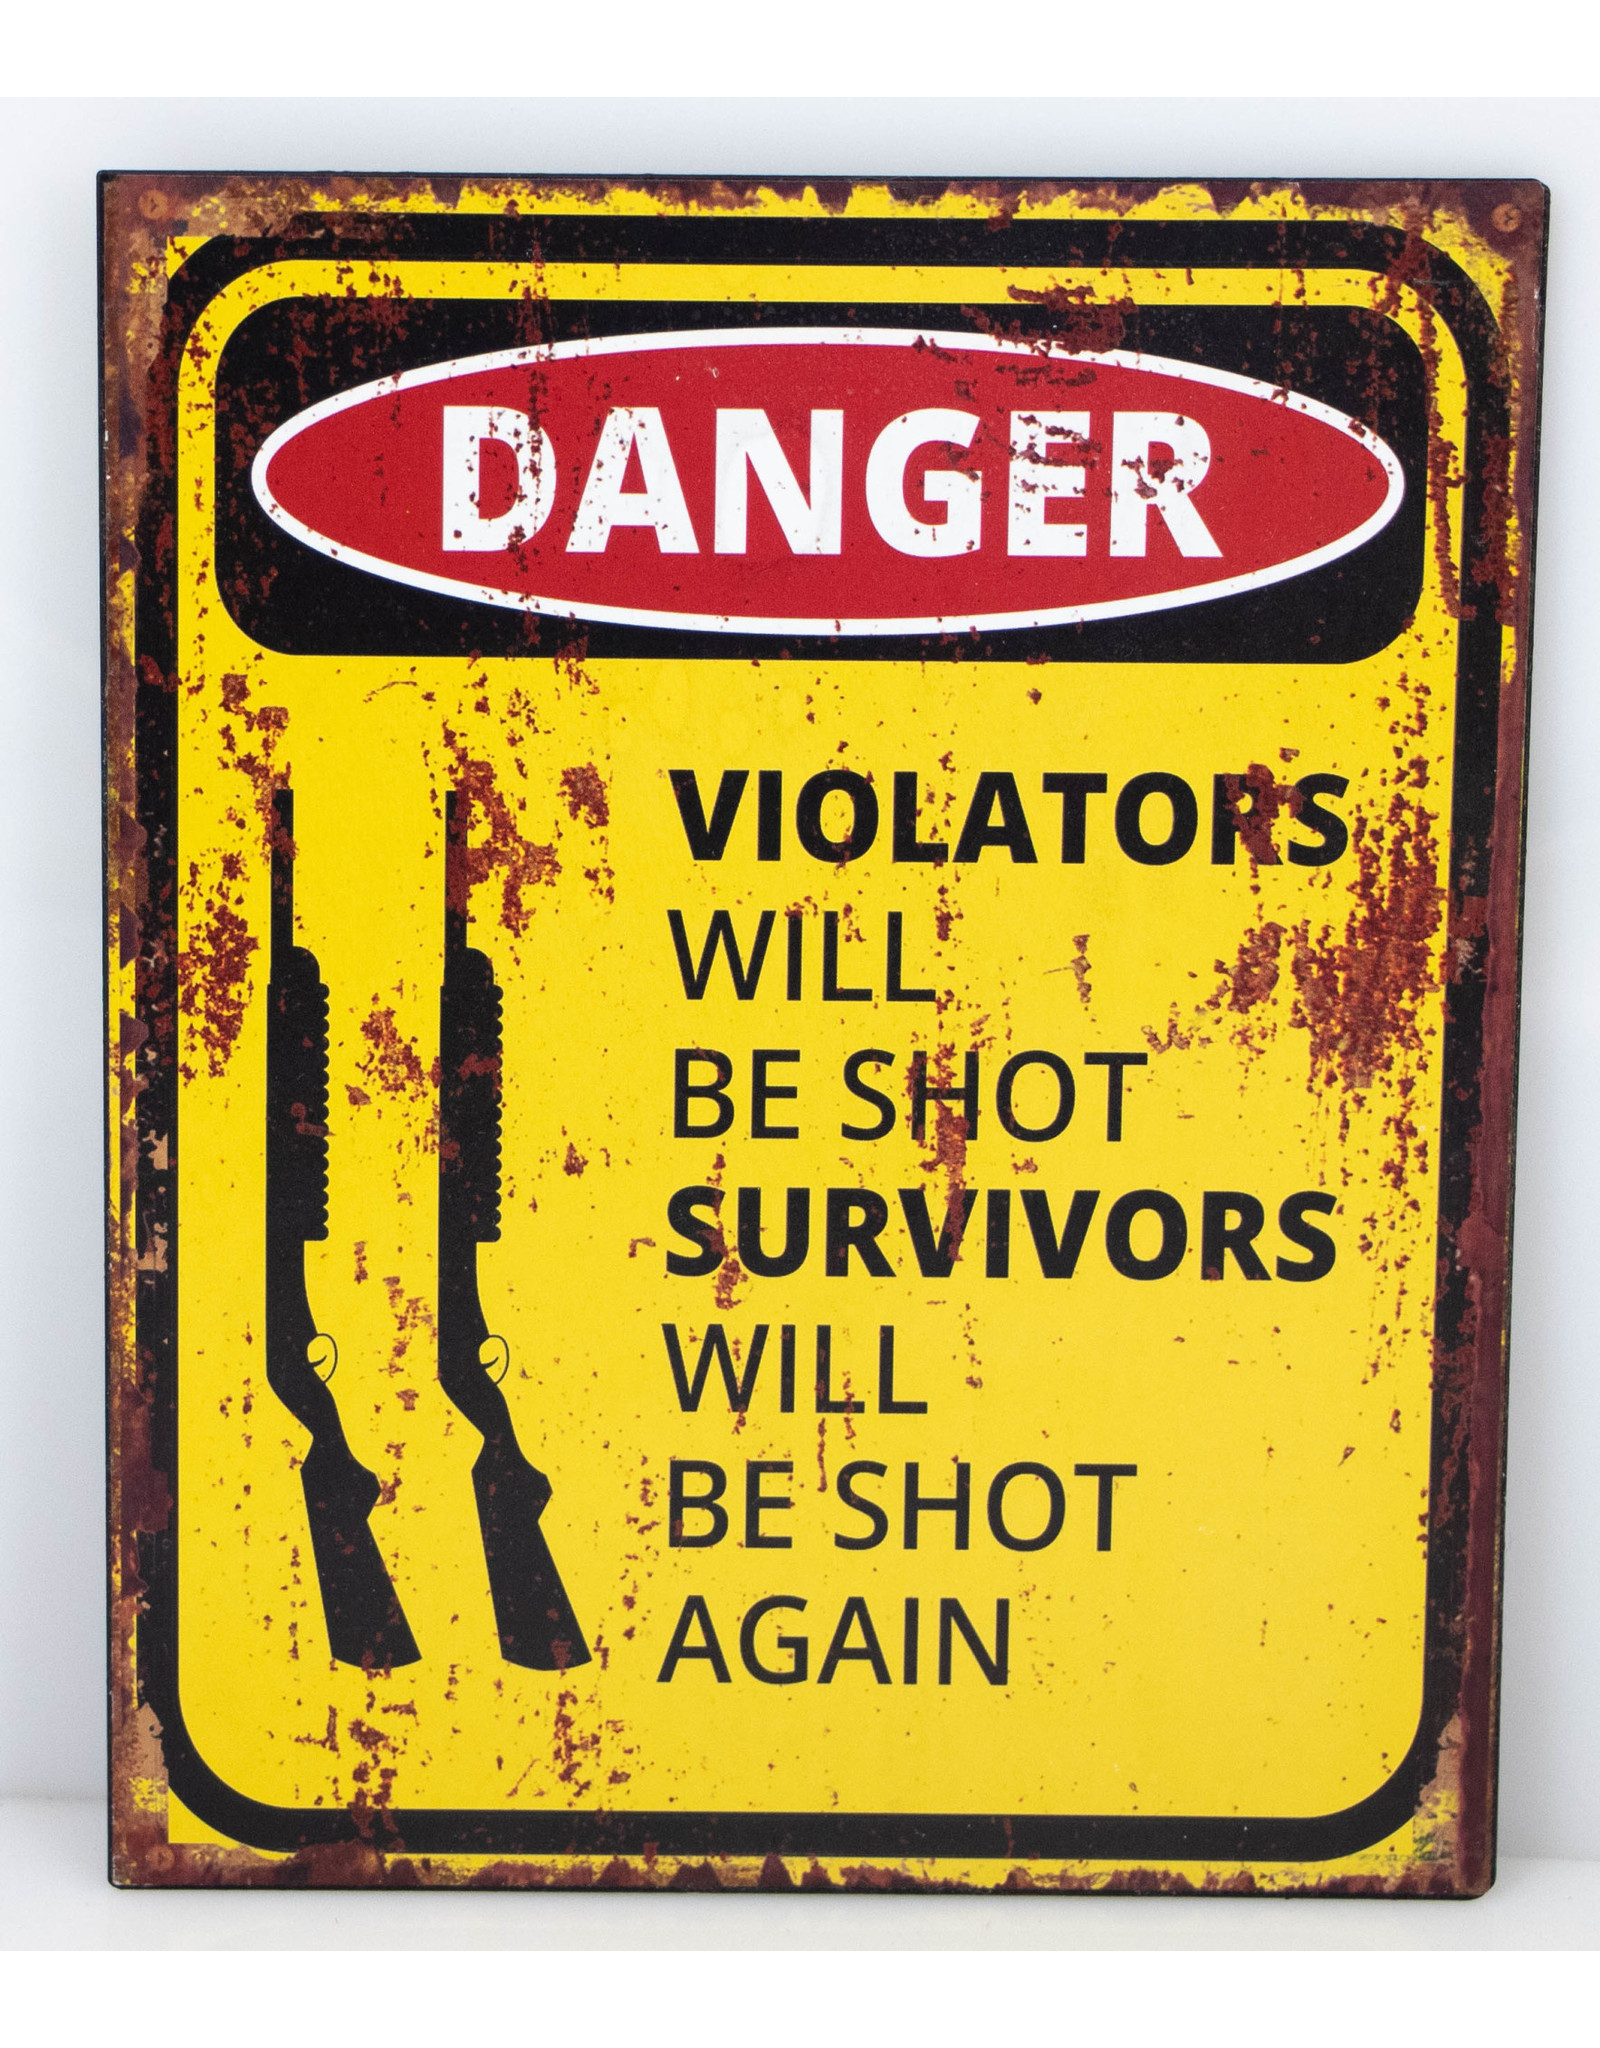 Danger violators will be shot